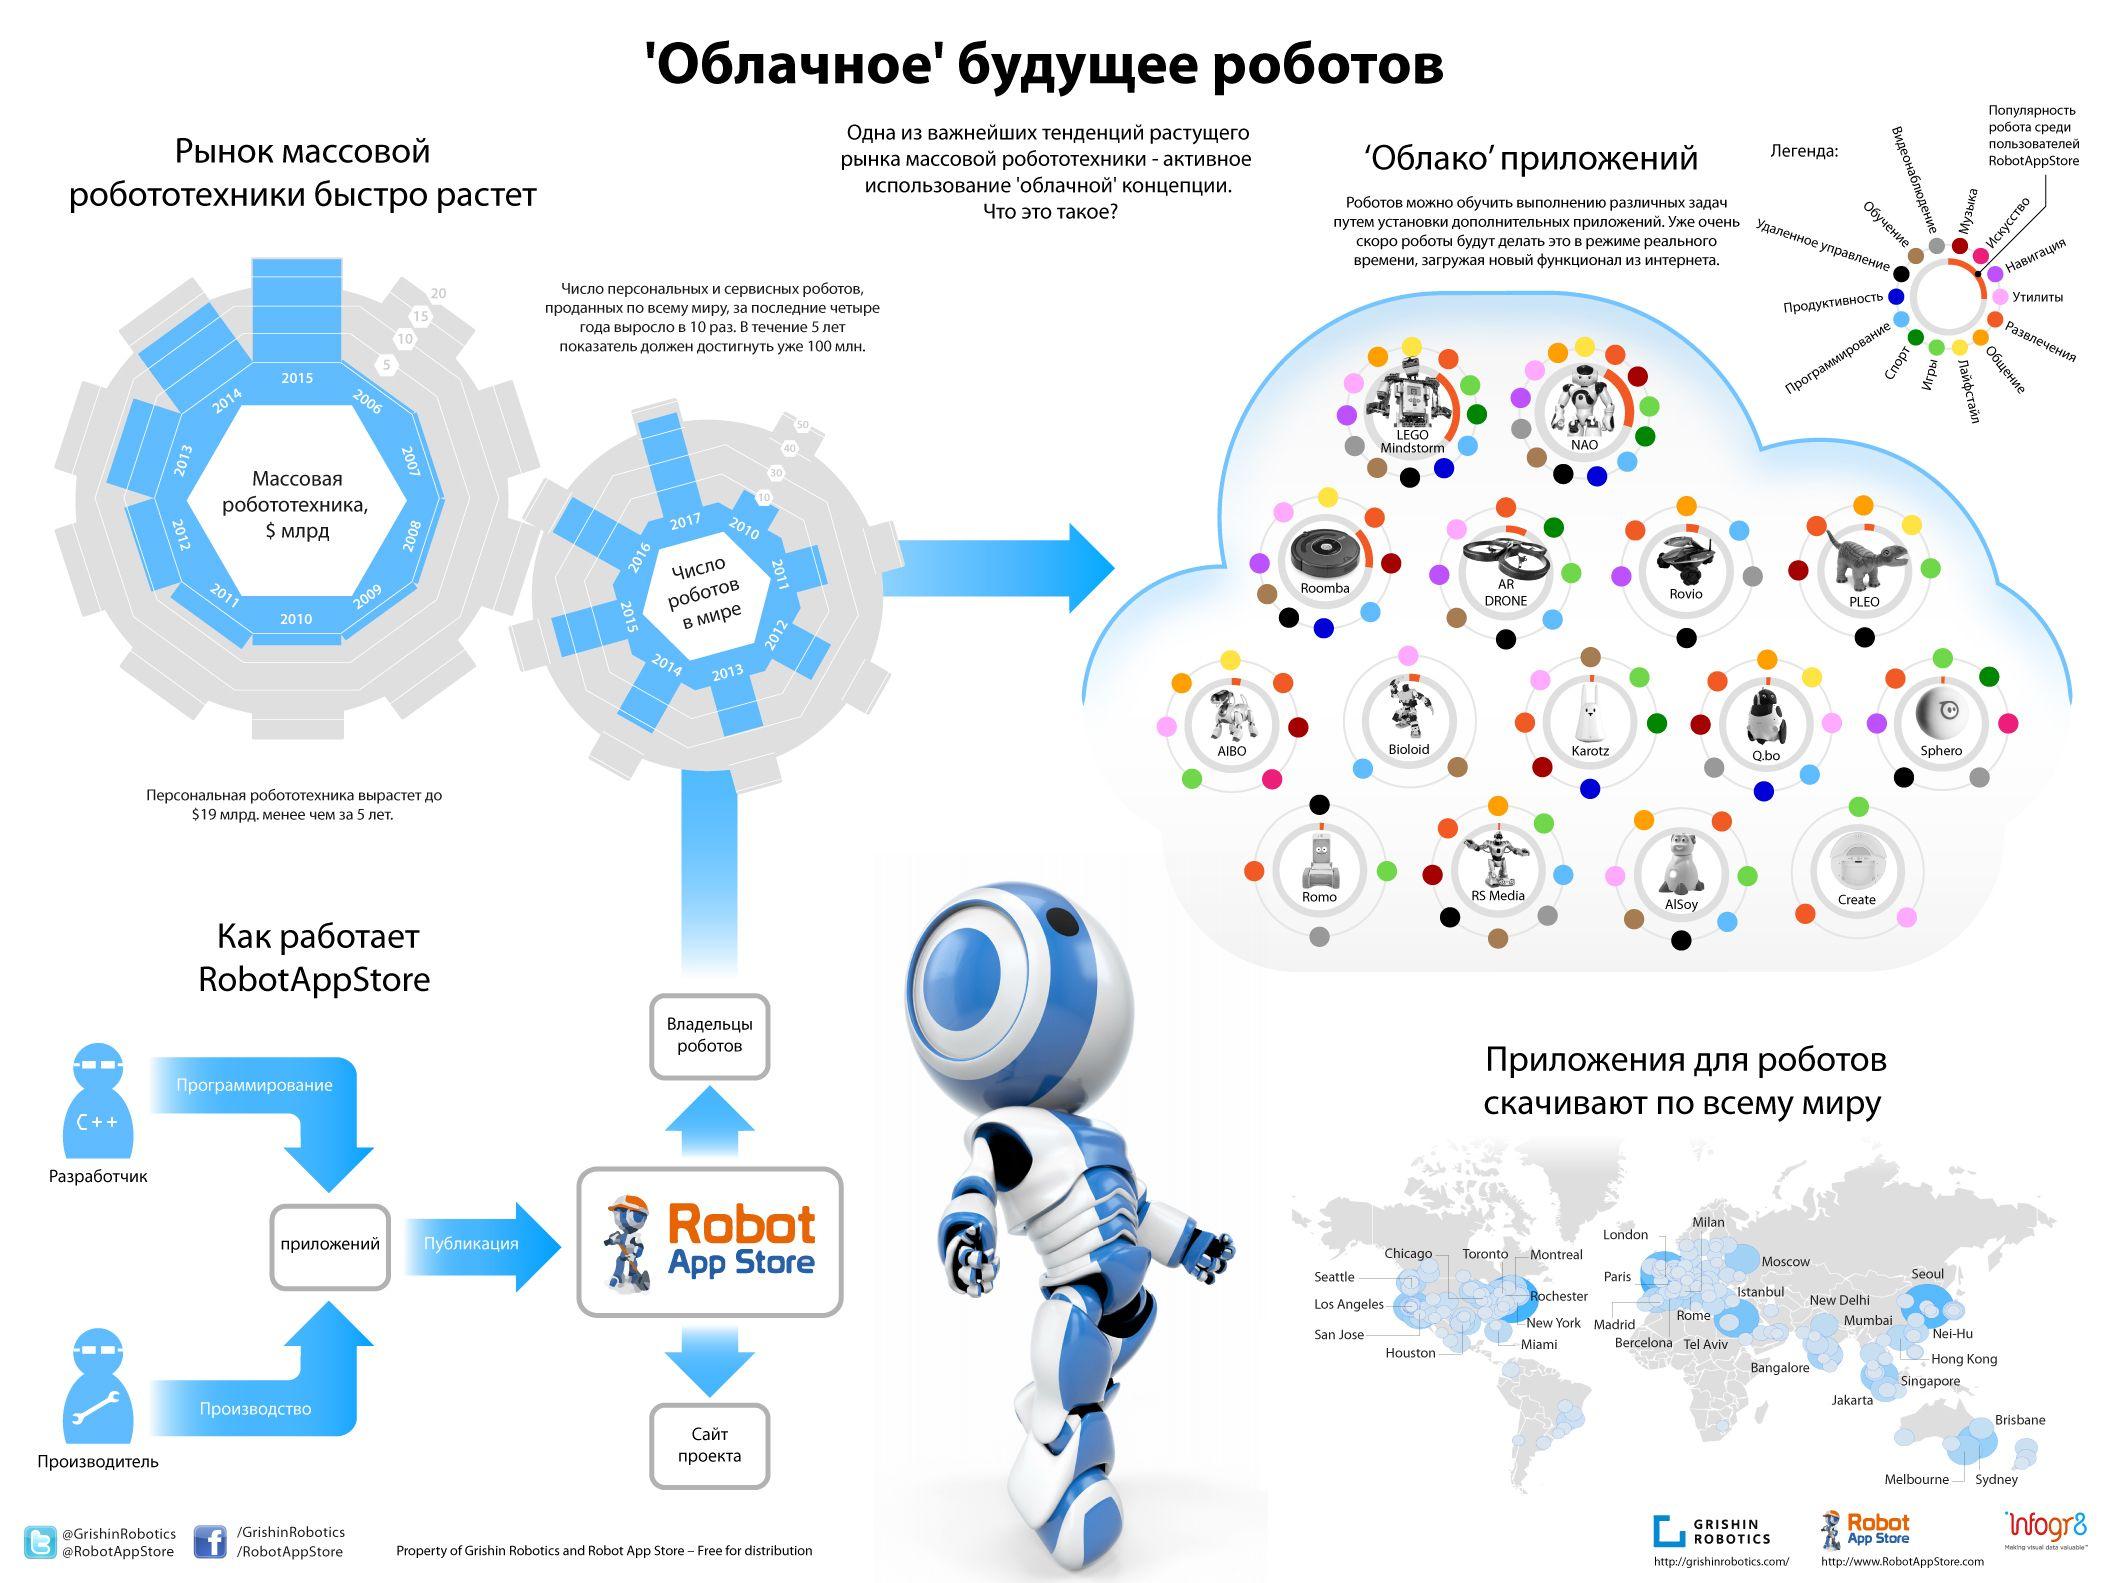 Инфографика: облачное будущее роботов